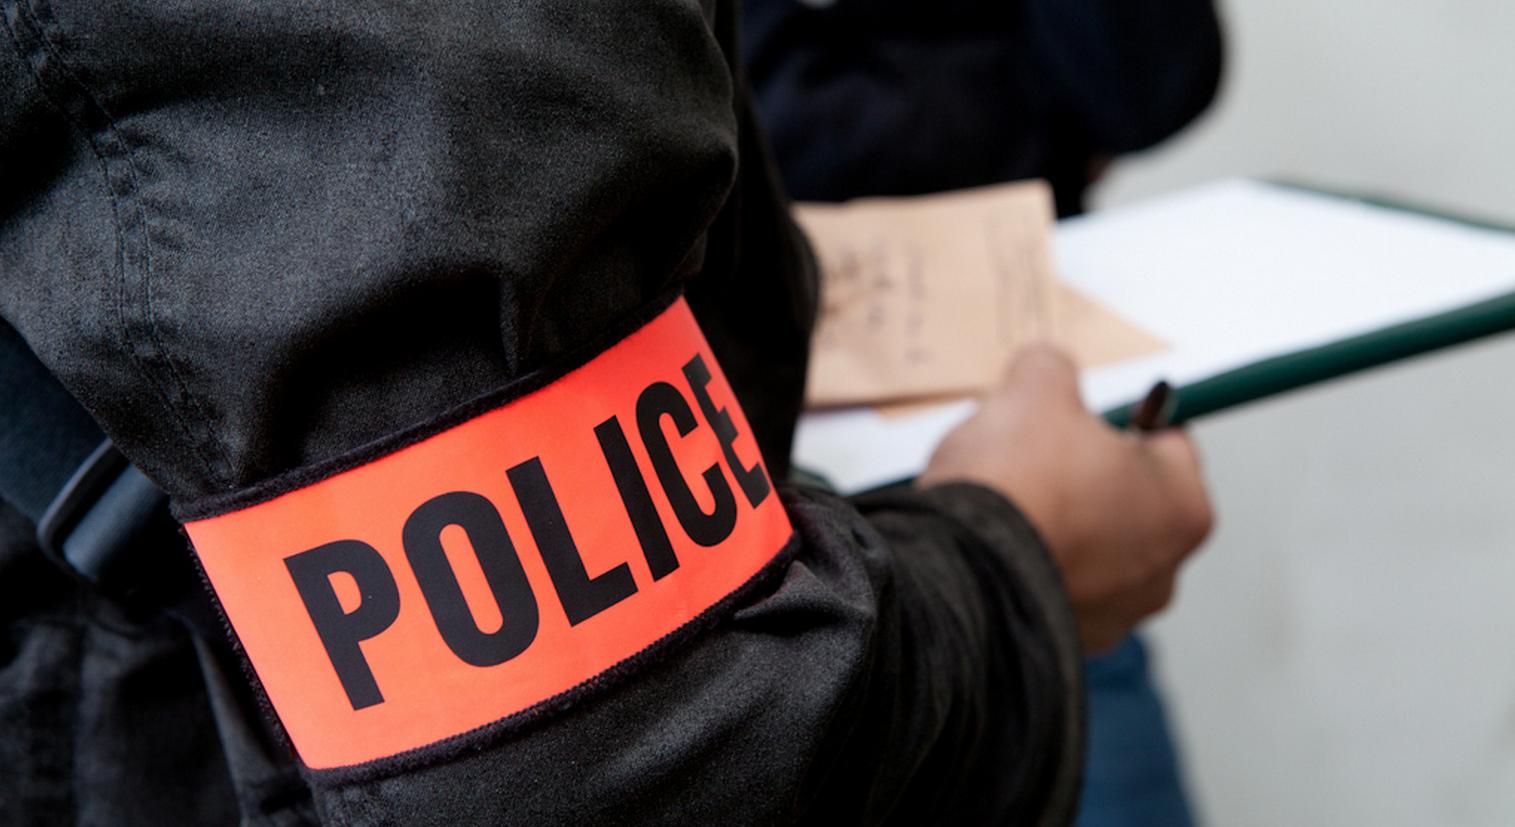 Les enquêteurs de la brigade des atteintes aux biens de la sûreté départementale (SD) de Seine-Maritime ont mené des investigations fouillées dans la casse automobile - Illustration